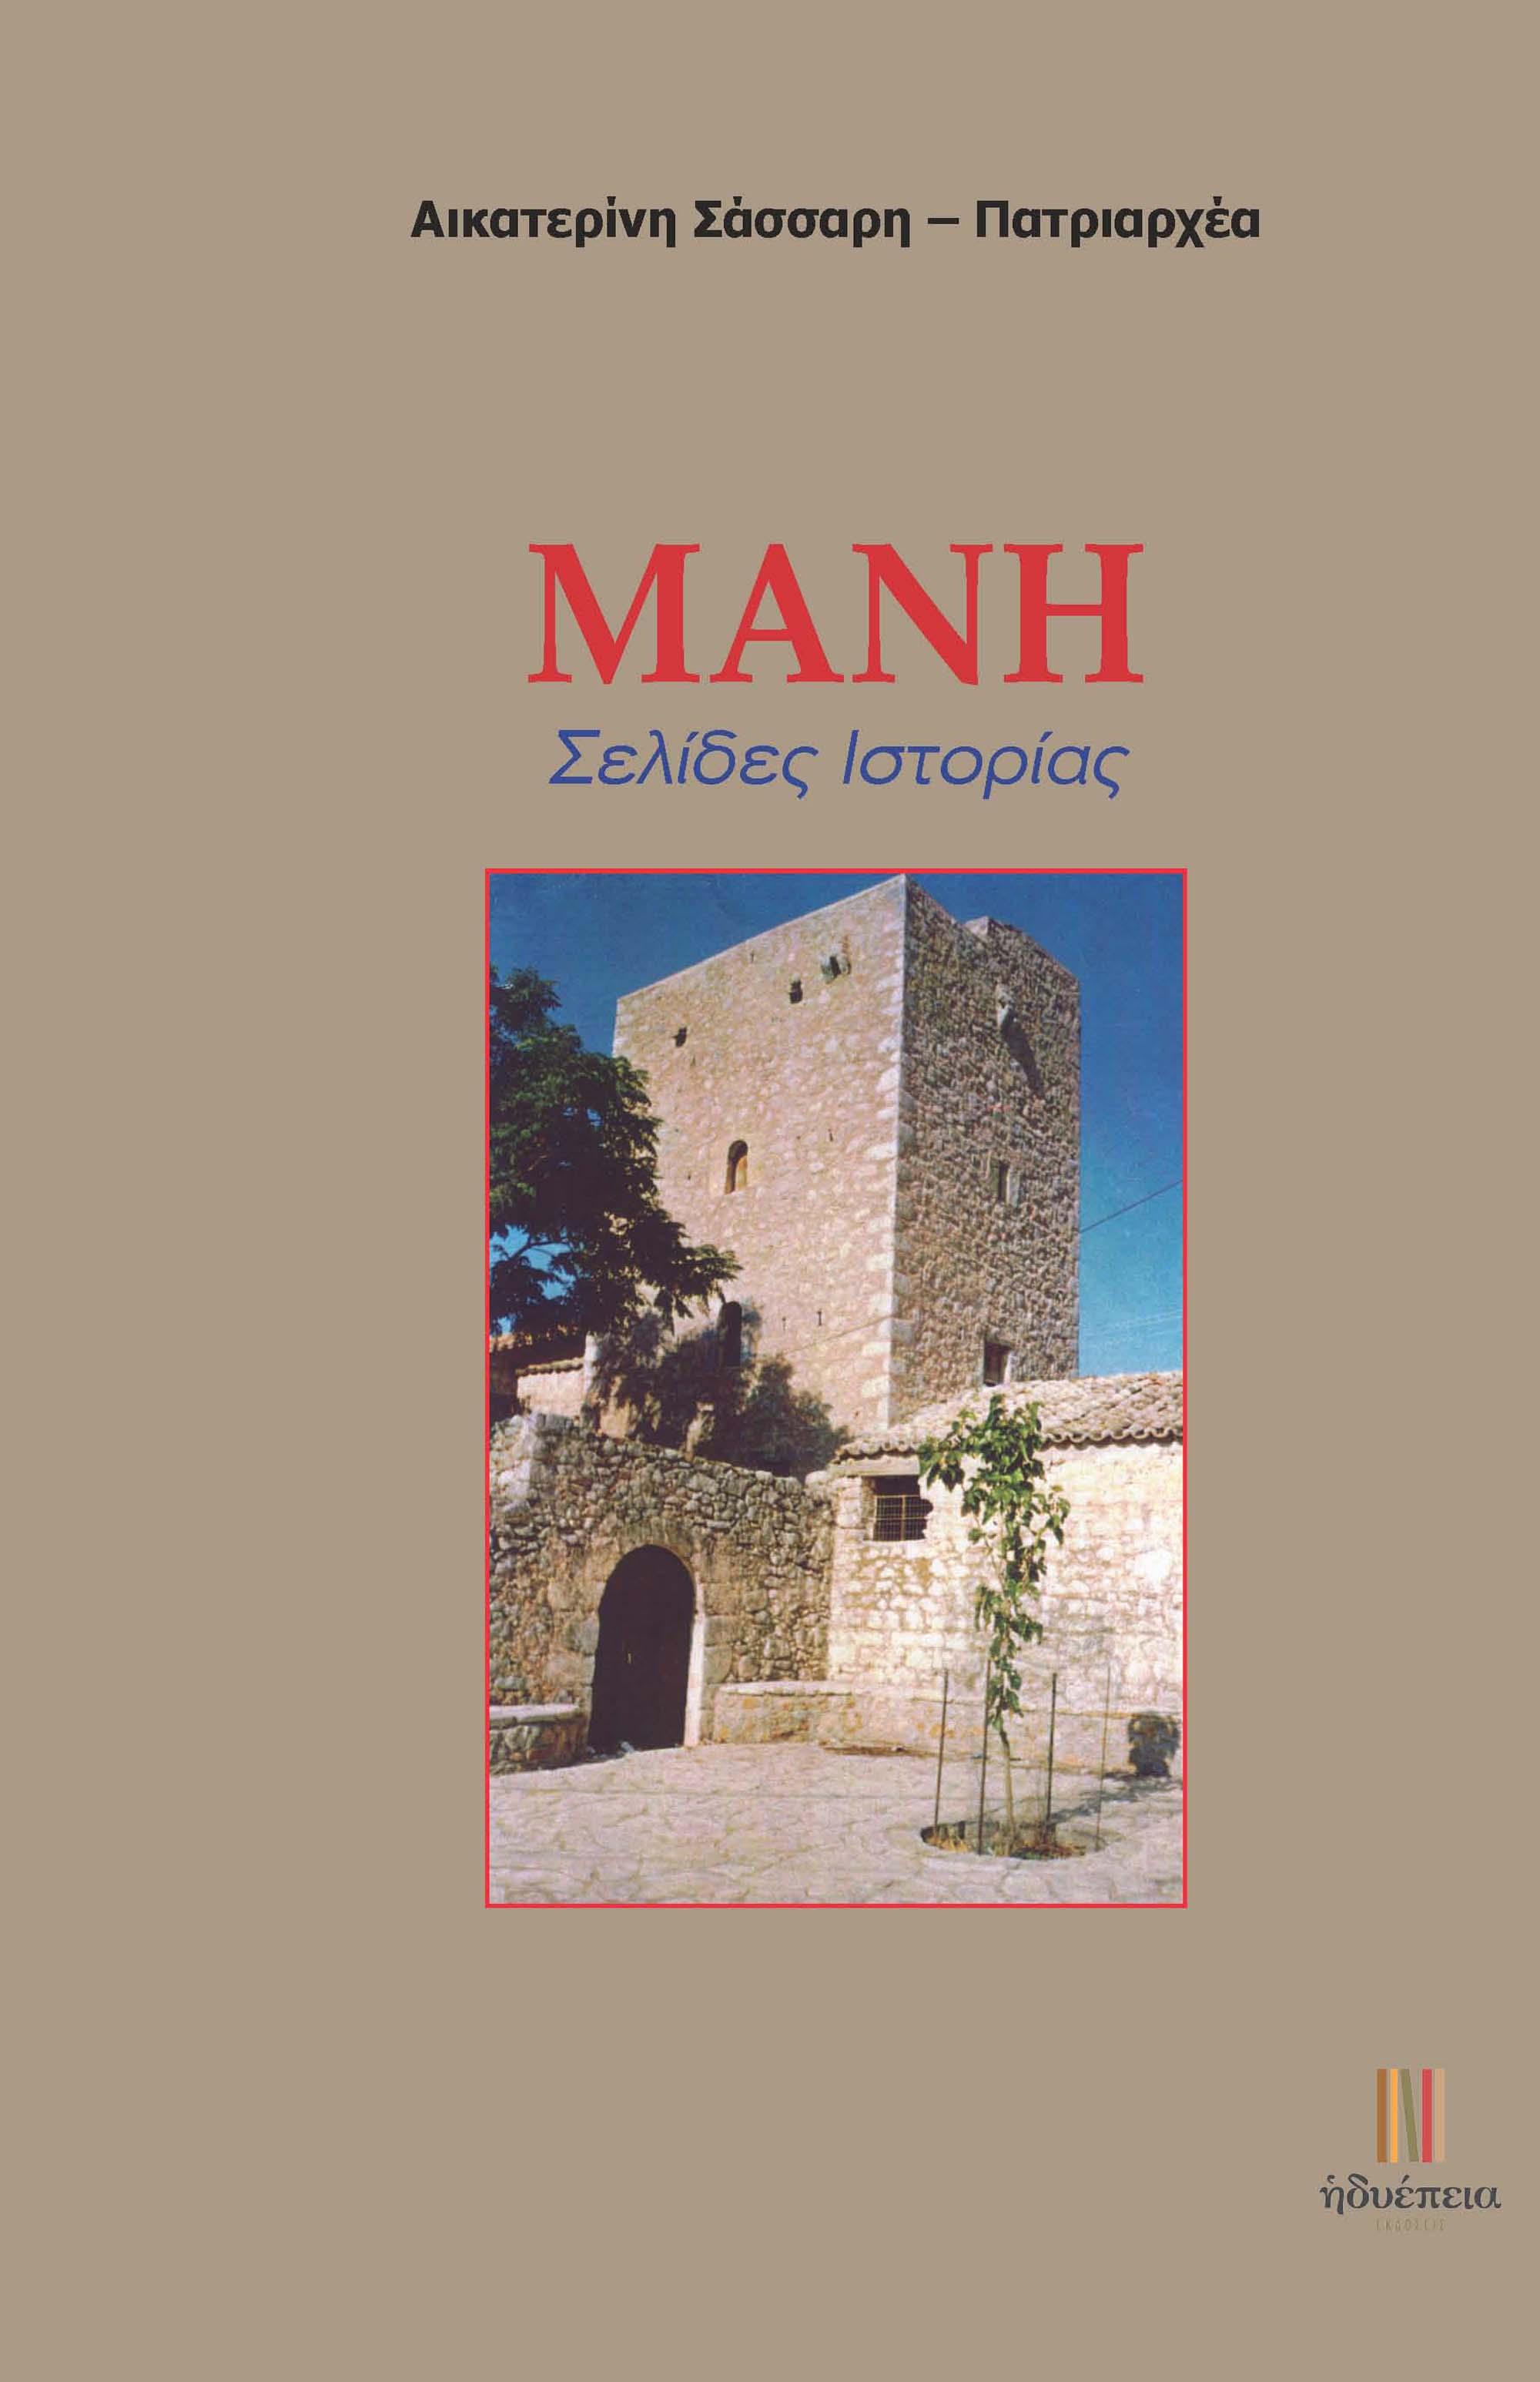 Μάνη - Σελίδες ιστορίας